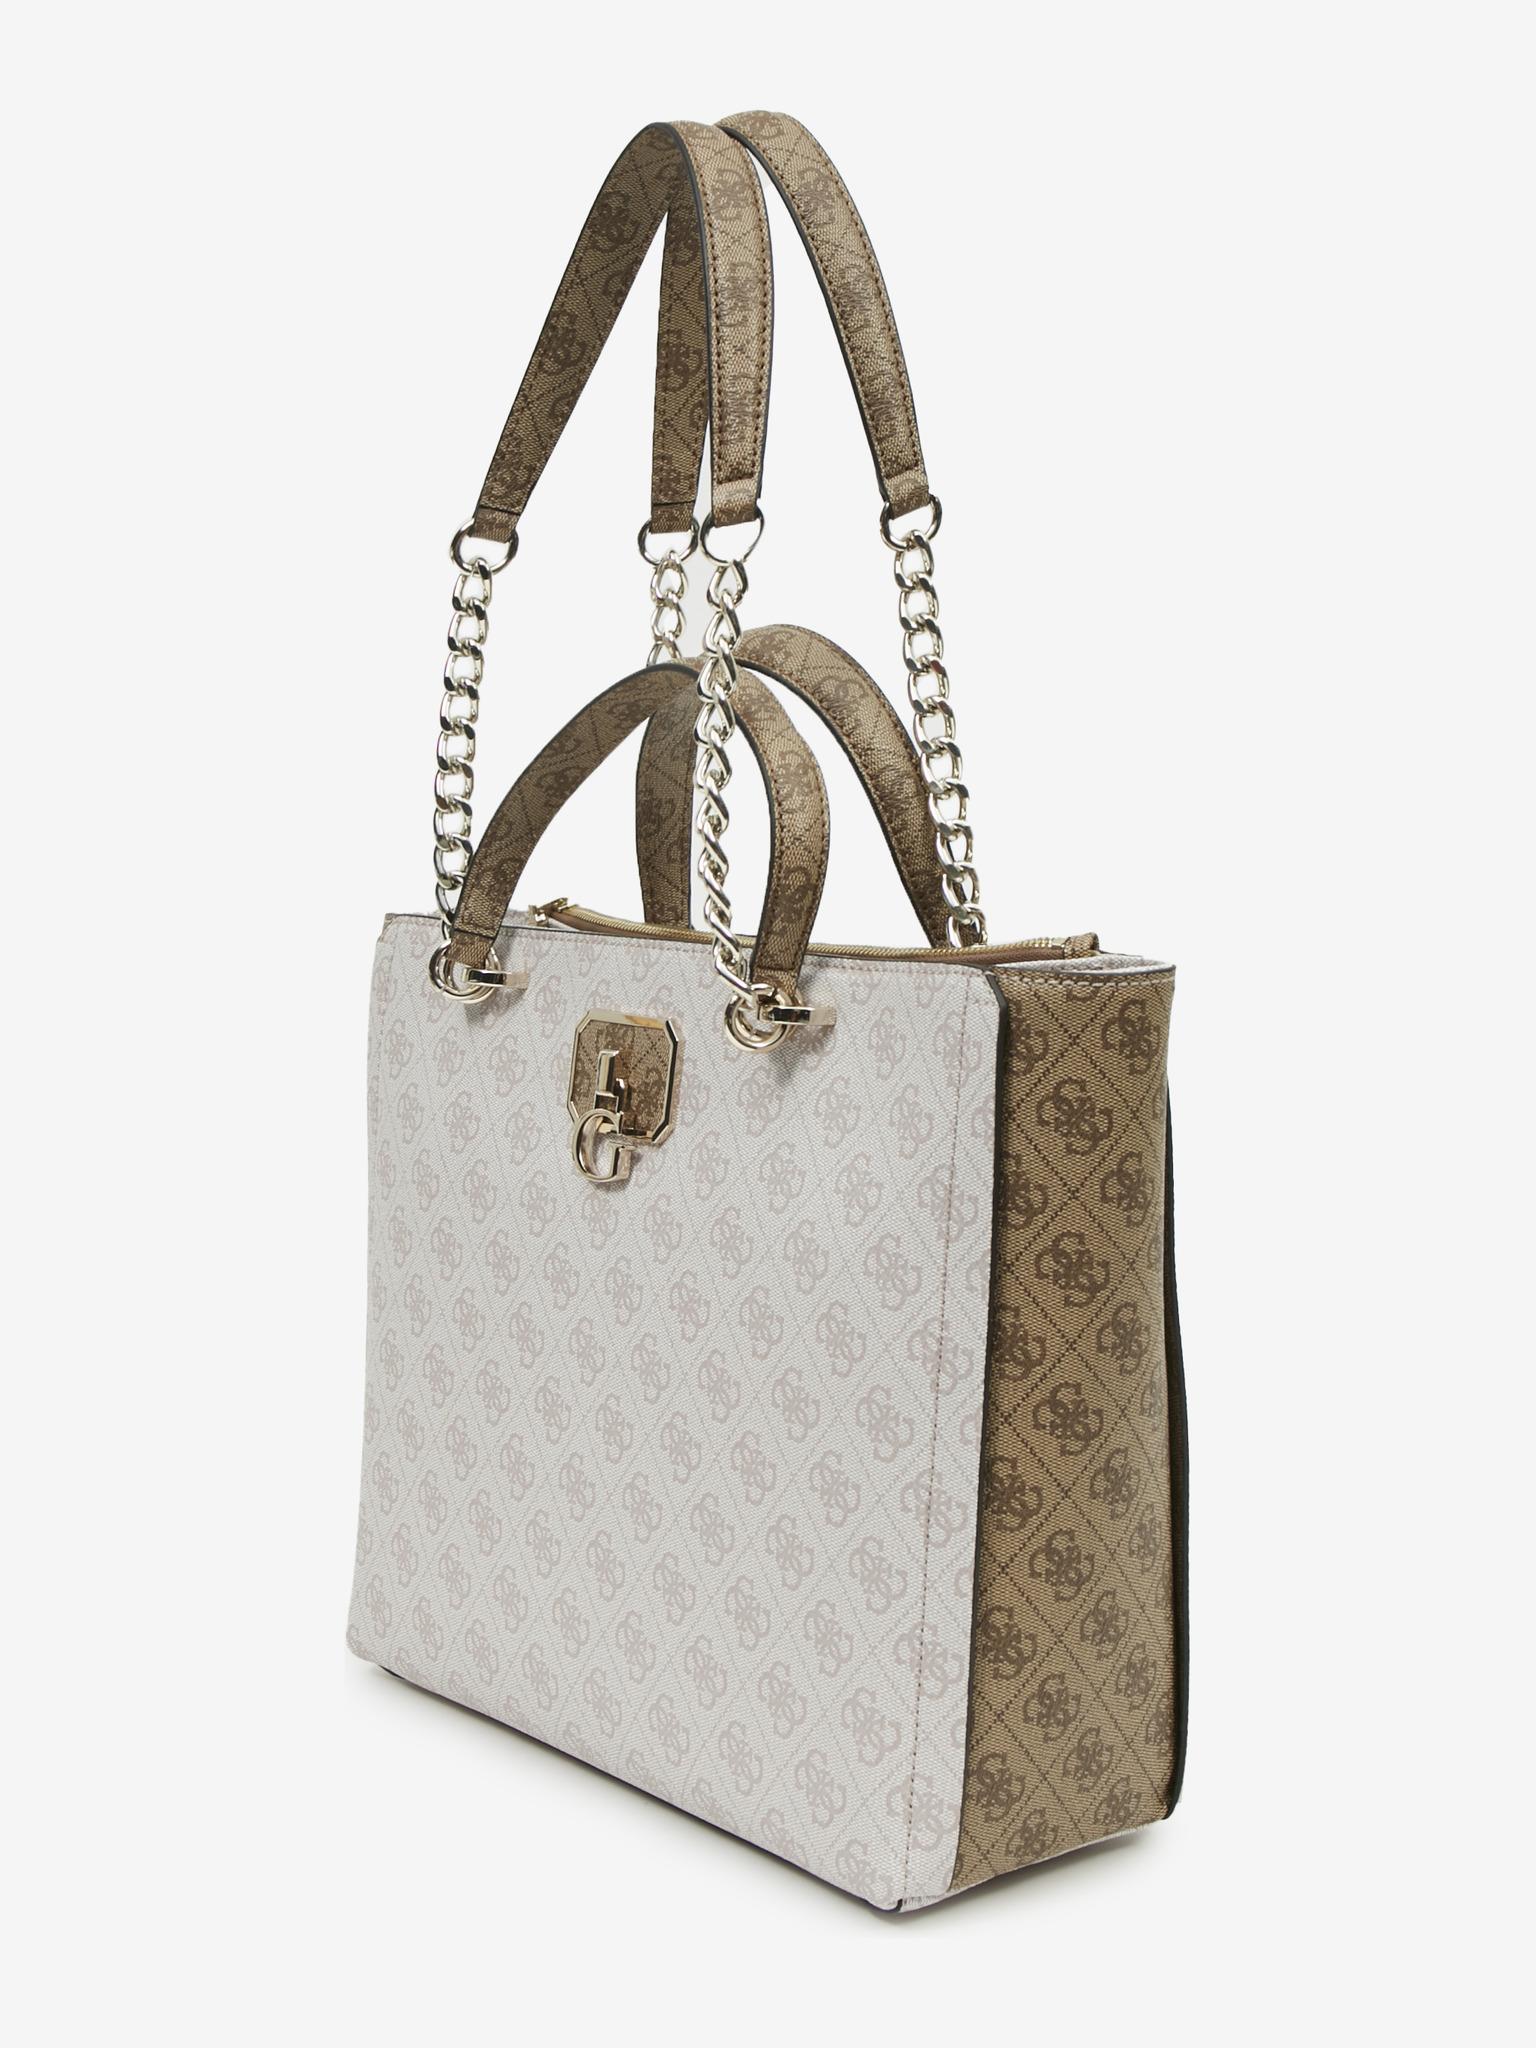 Guess white handbag Alisa Society